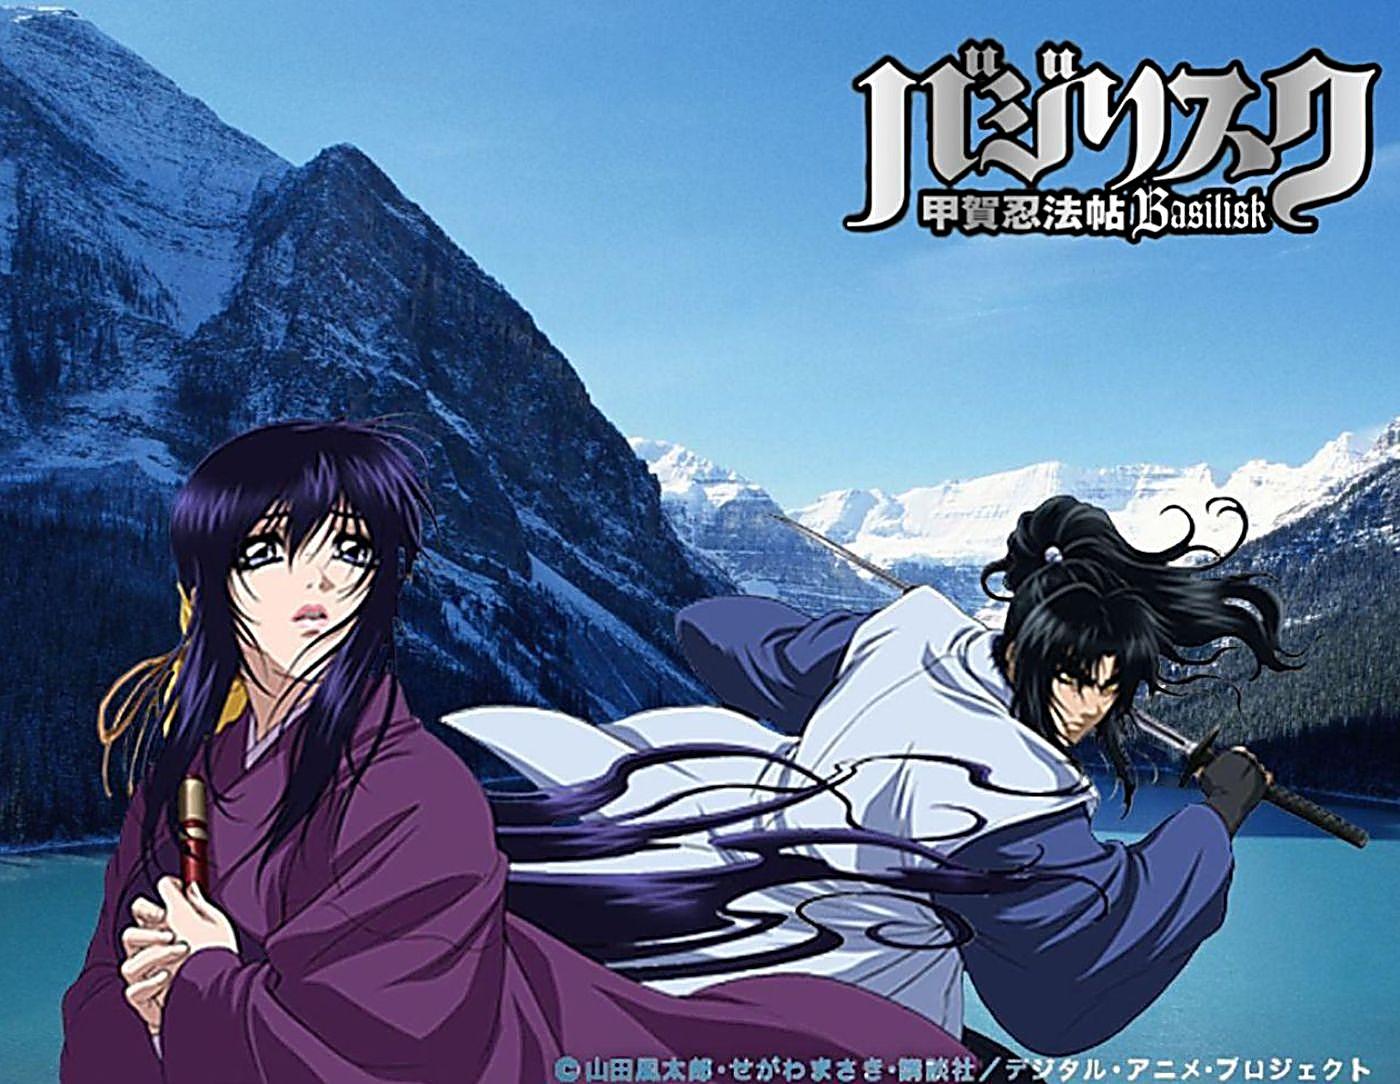 Anime Series Like Basilisk